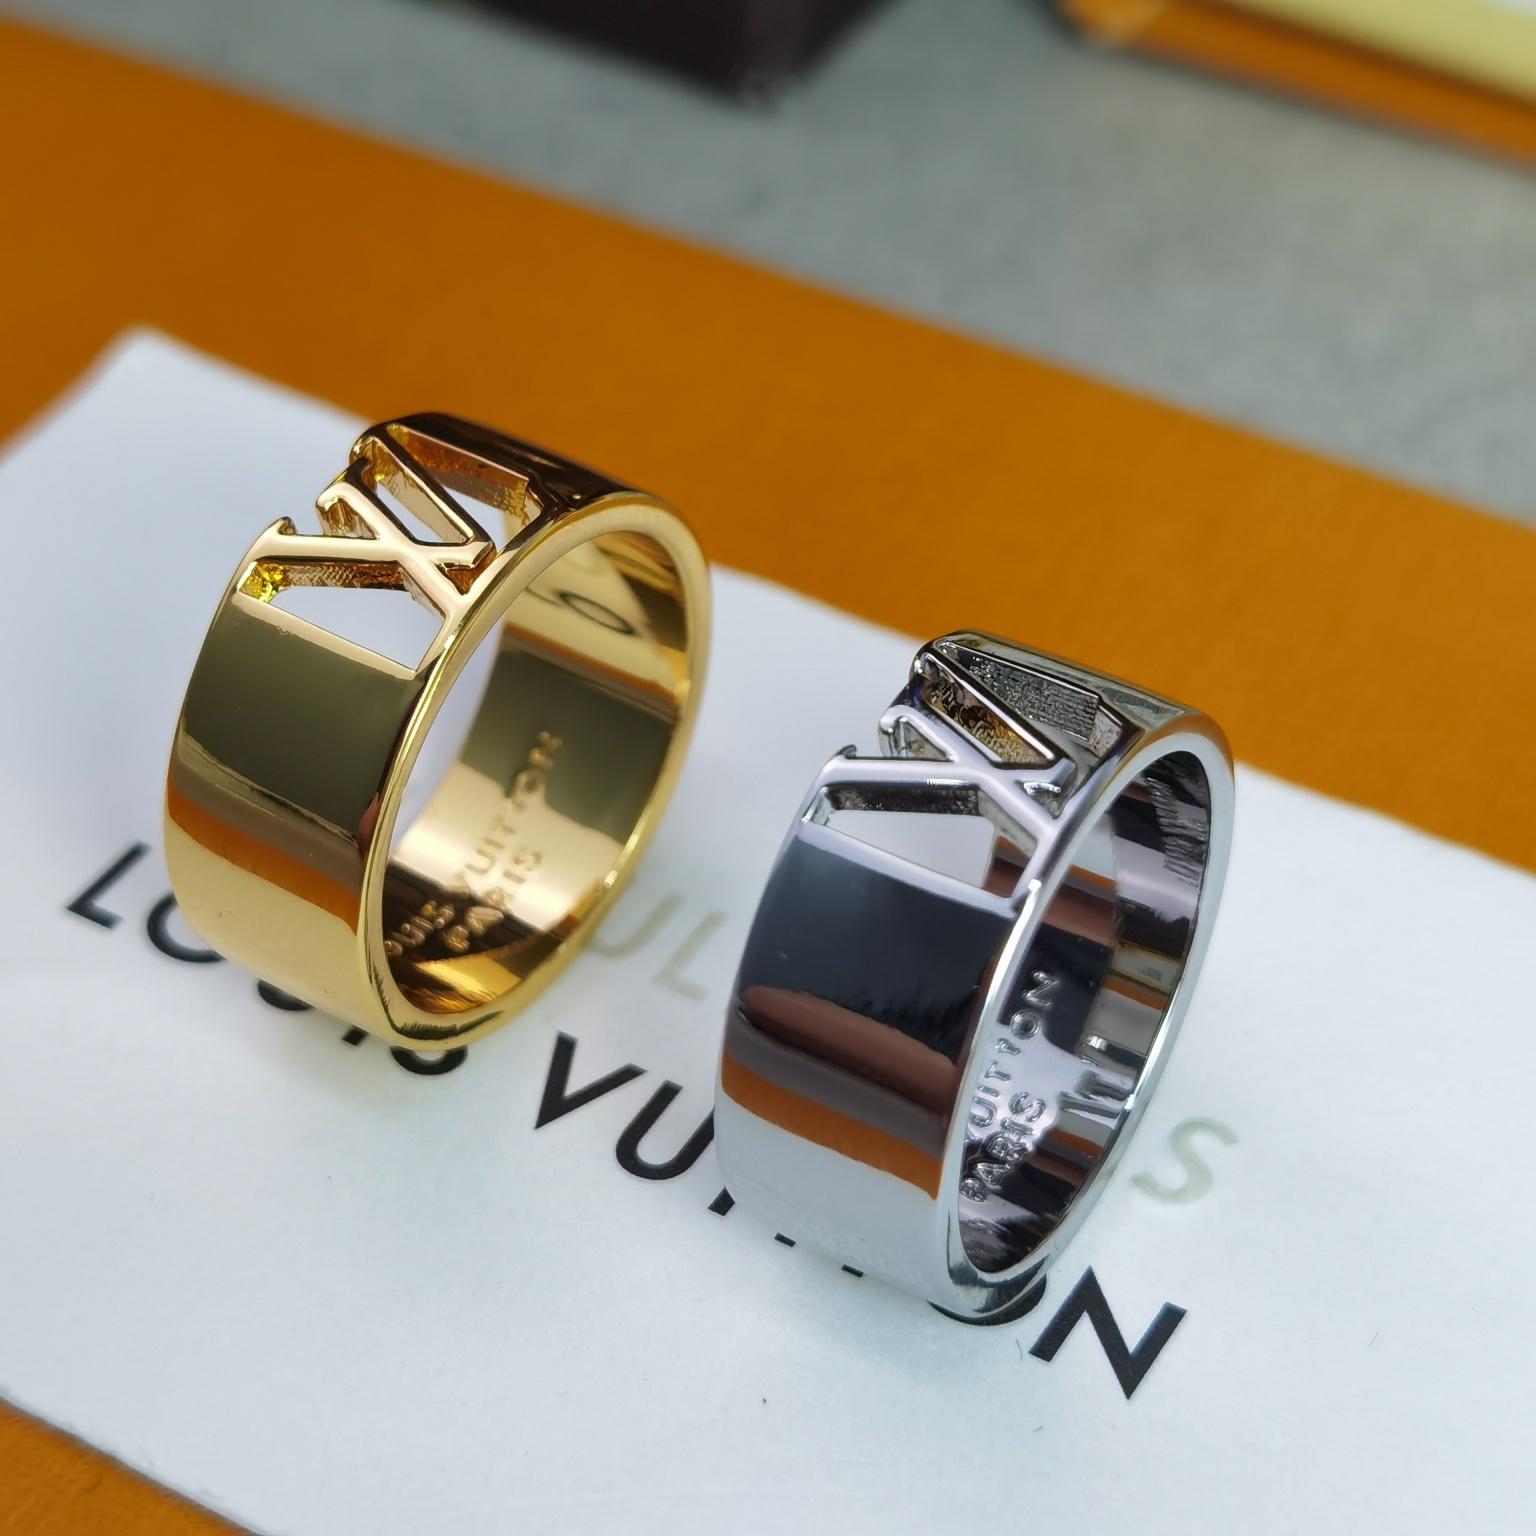 本款戒指内侧雕刻有LV首字母标识彰显